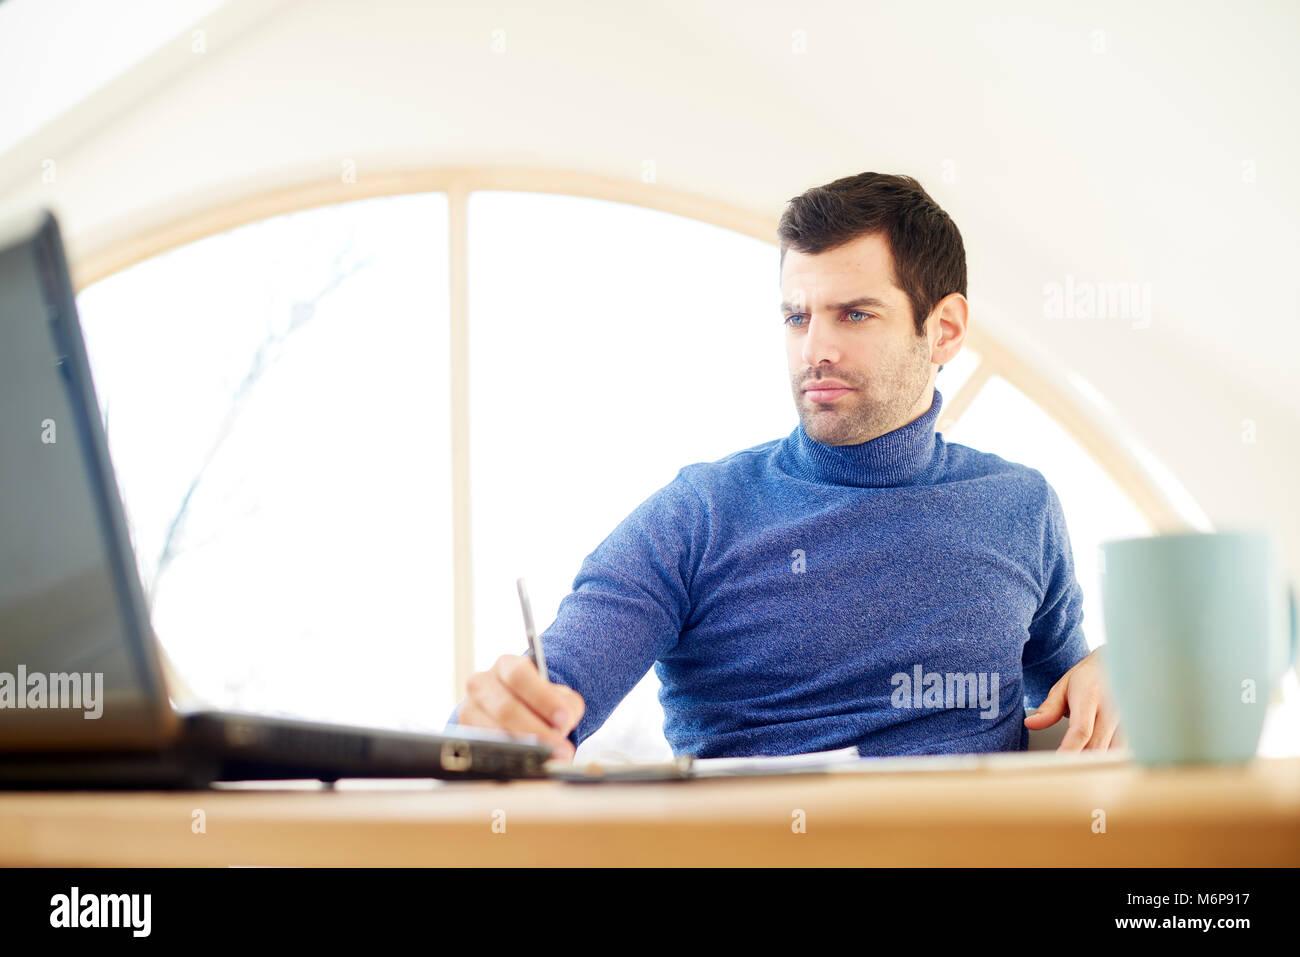 Portrait von Casual jungen Mann mit Rollkragen Pullover und Suchen thoughtul während auf Laptop zu Hause arbeiten. Stockbild